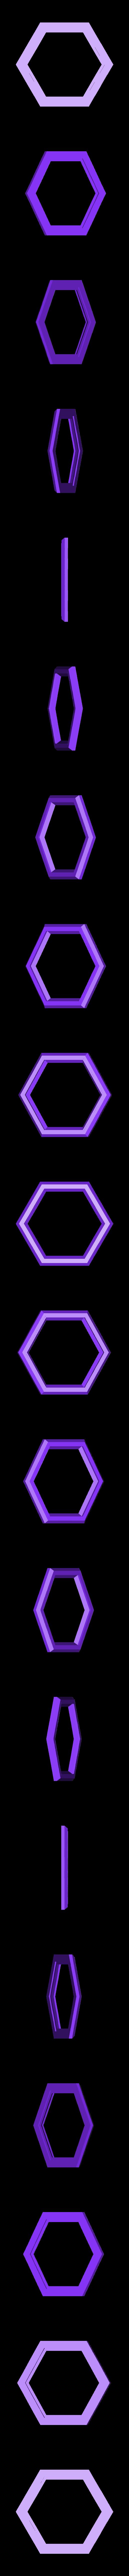 LH_hexa_base_fixed_3_blau.stl Télécharger fichier STL gratuit Phare • Modèle pour impression 3D, jteix